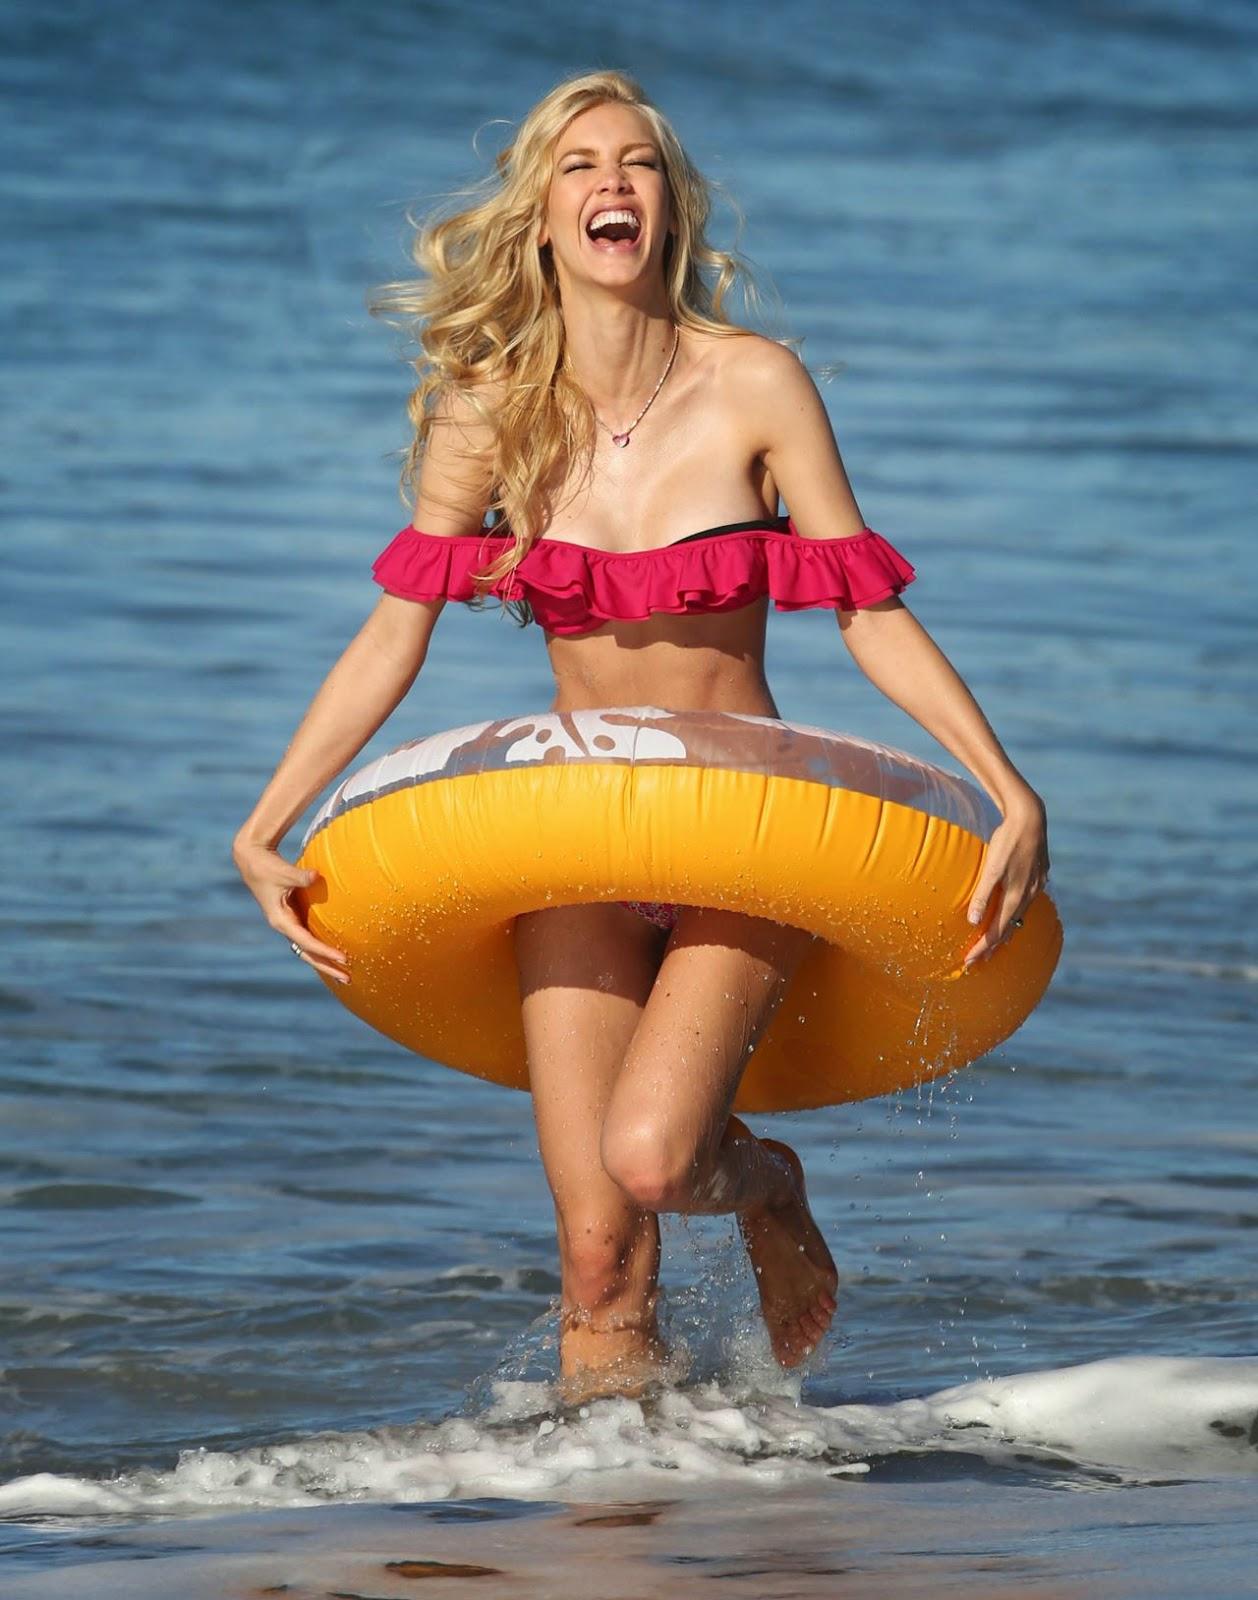 عارضة الأزياء البرازيلية كات توريس بالبكيني على شاطىء ماليبو